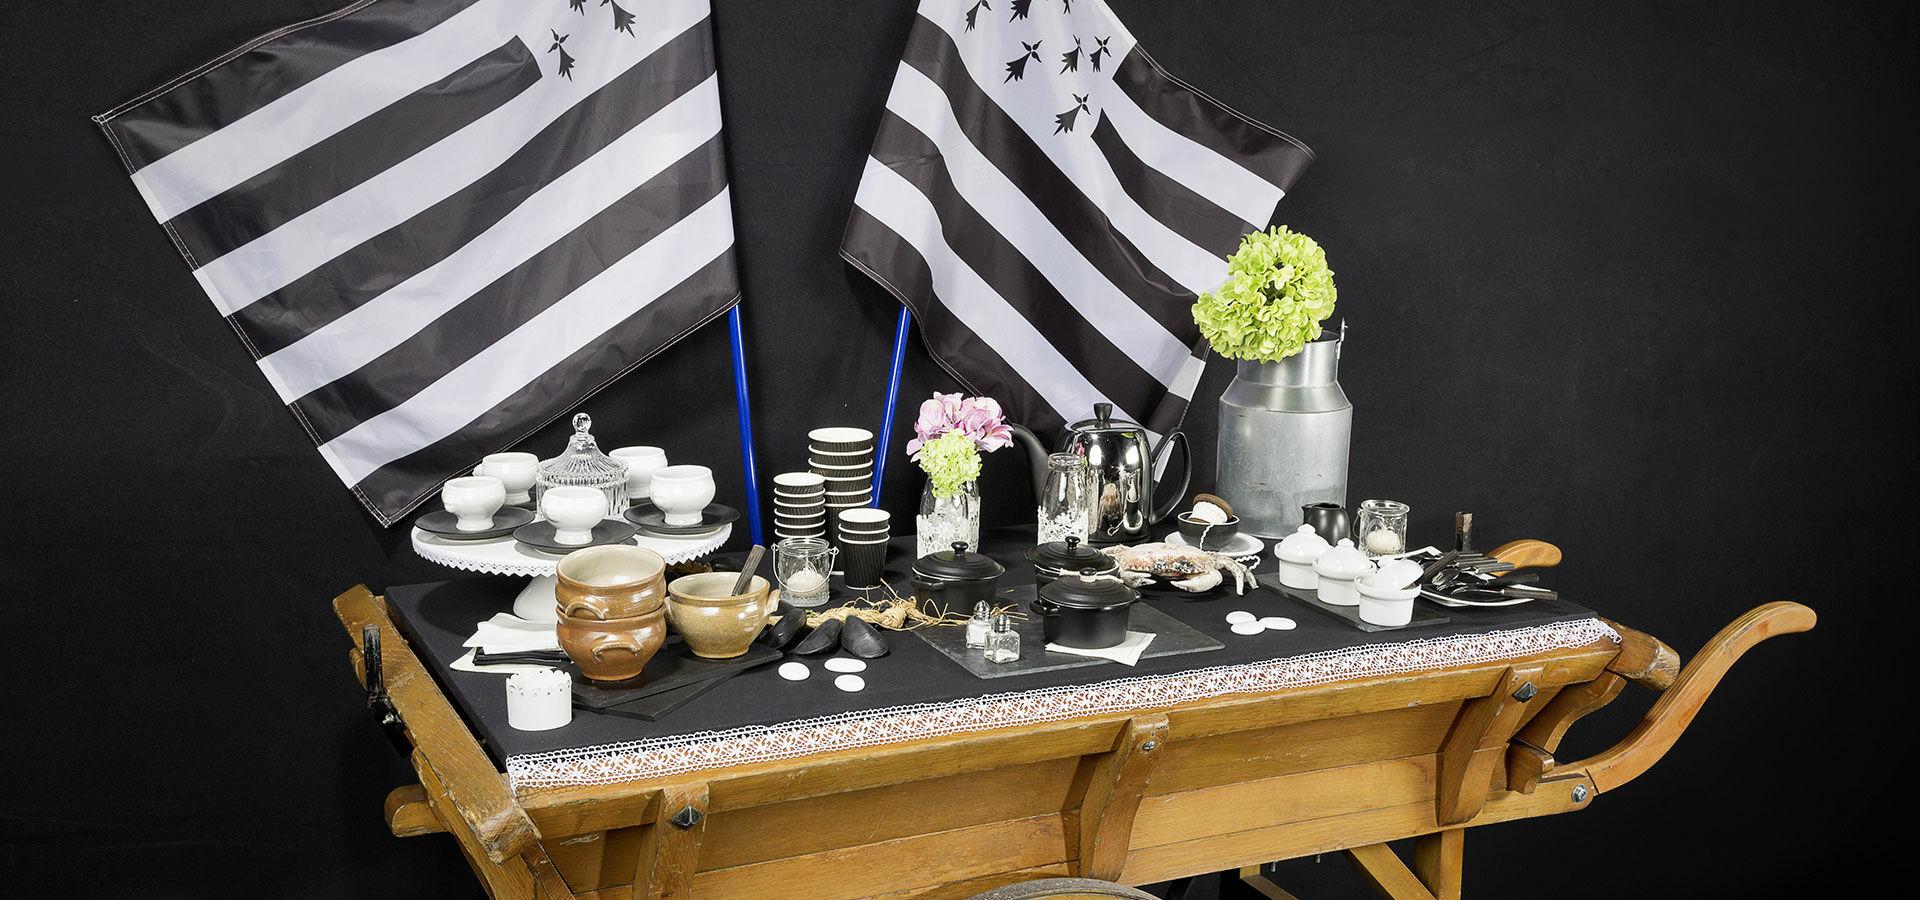 Deco De Table Bretonne location de matériel pour une ambiance bretagne sur vos